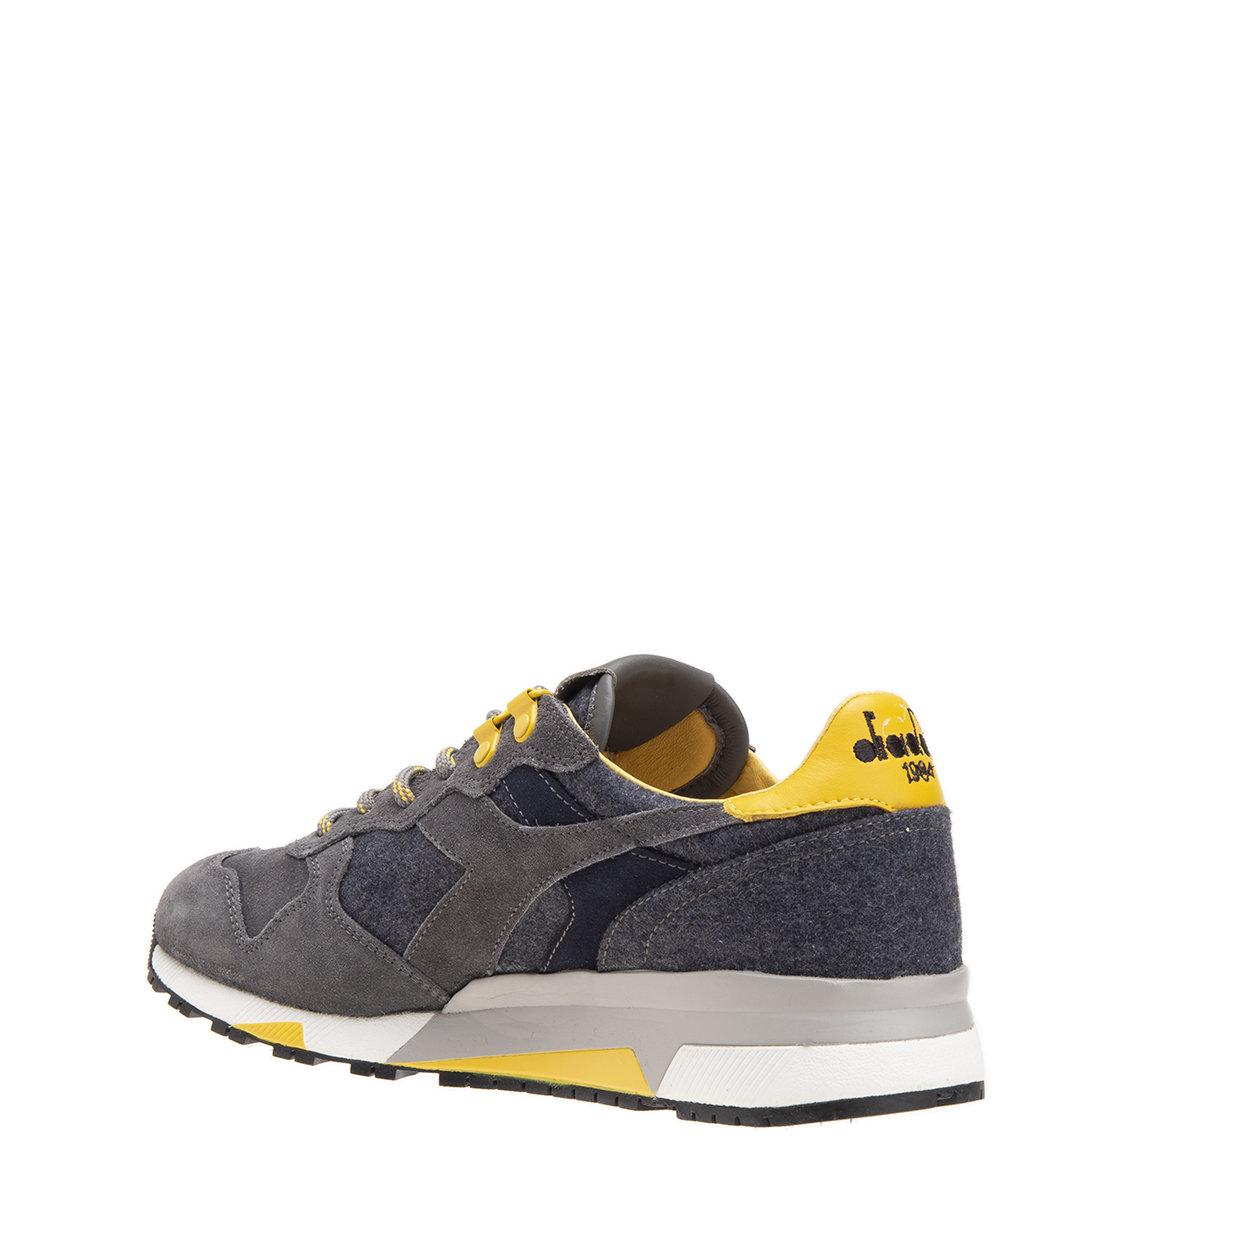 Sneakers Trident 90 Loden grigie e gialle Diadora Heritage Acquista su Ventis.